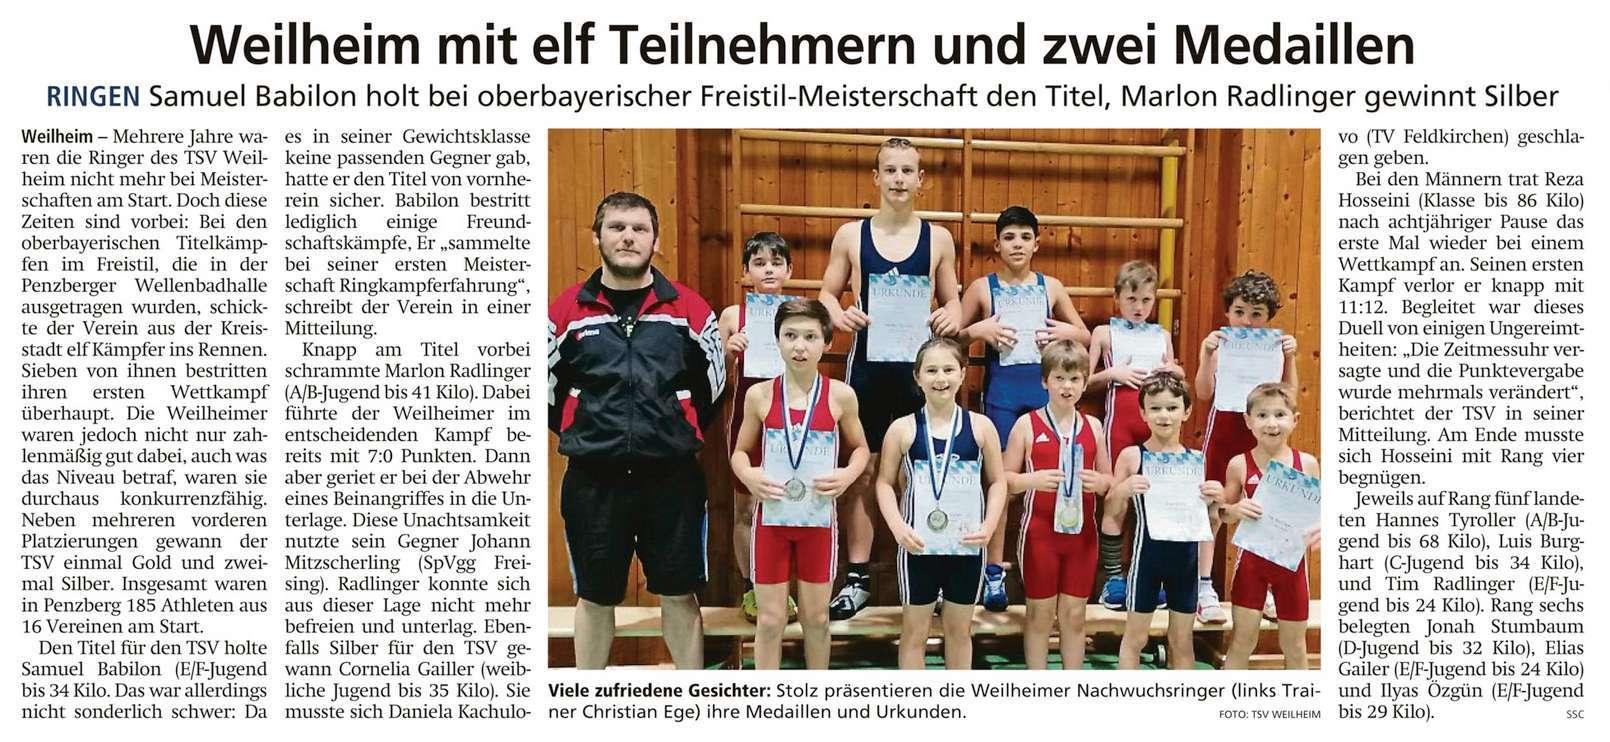 2020-02-03 Tagblatt fm